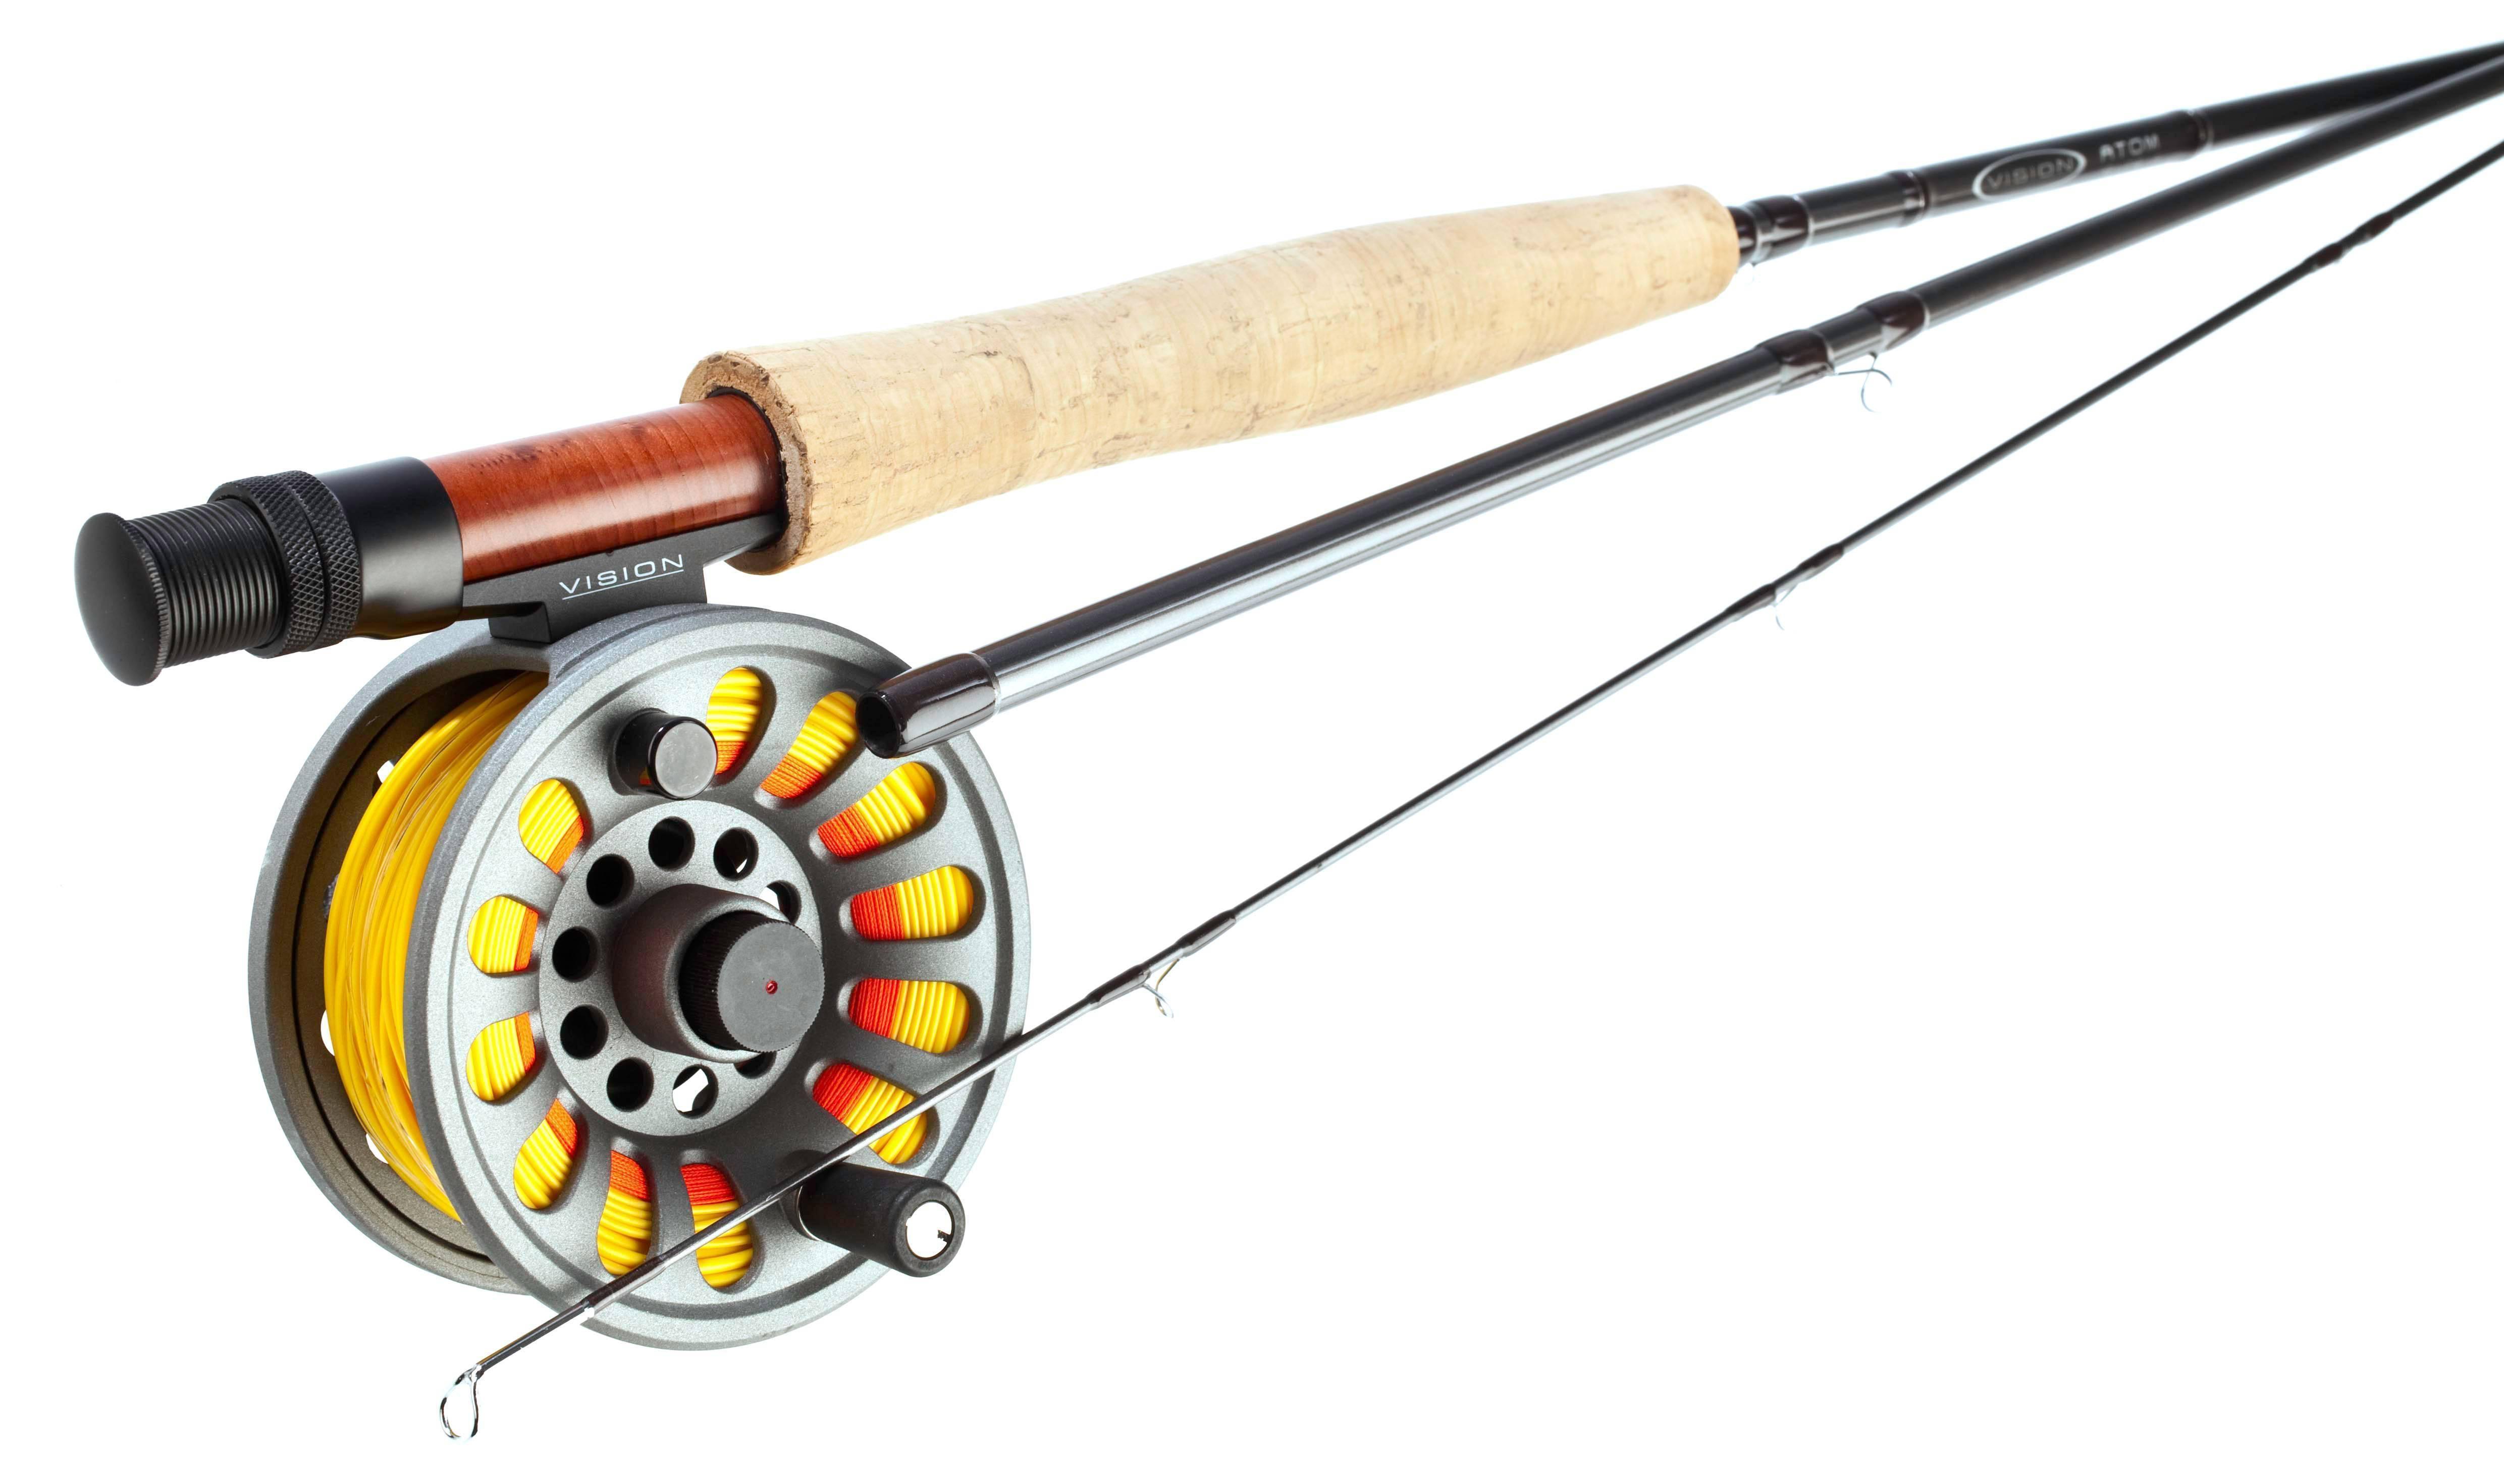 Нахлыст для начинающих: пошаговое рыболовное руководство